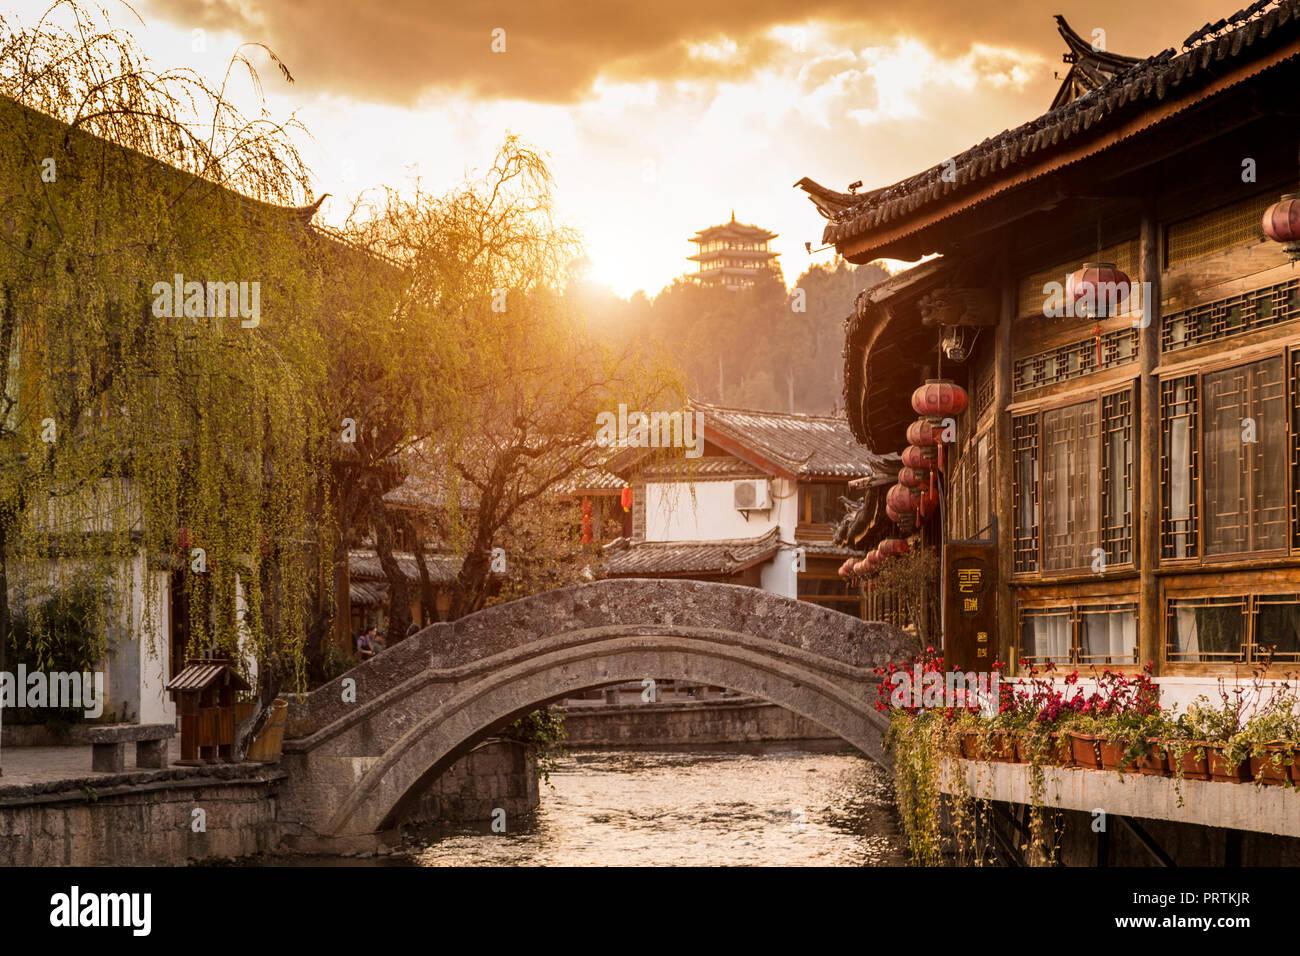 Old town of Lijiang at sunrise, Yunnan, China - Stock Image